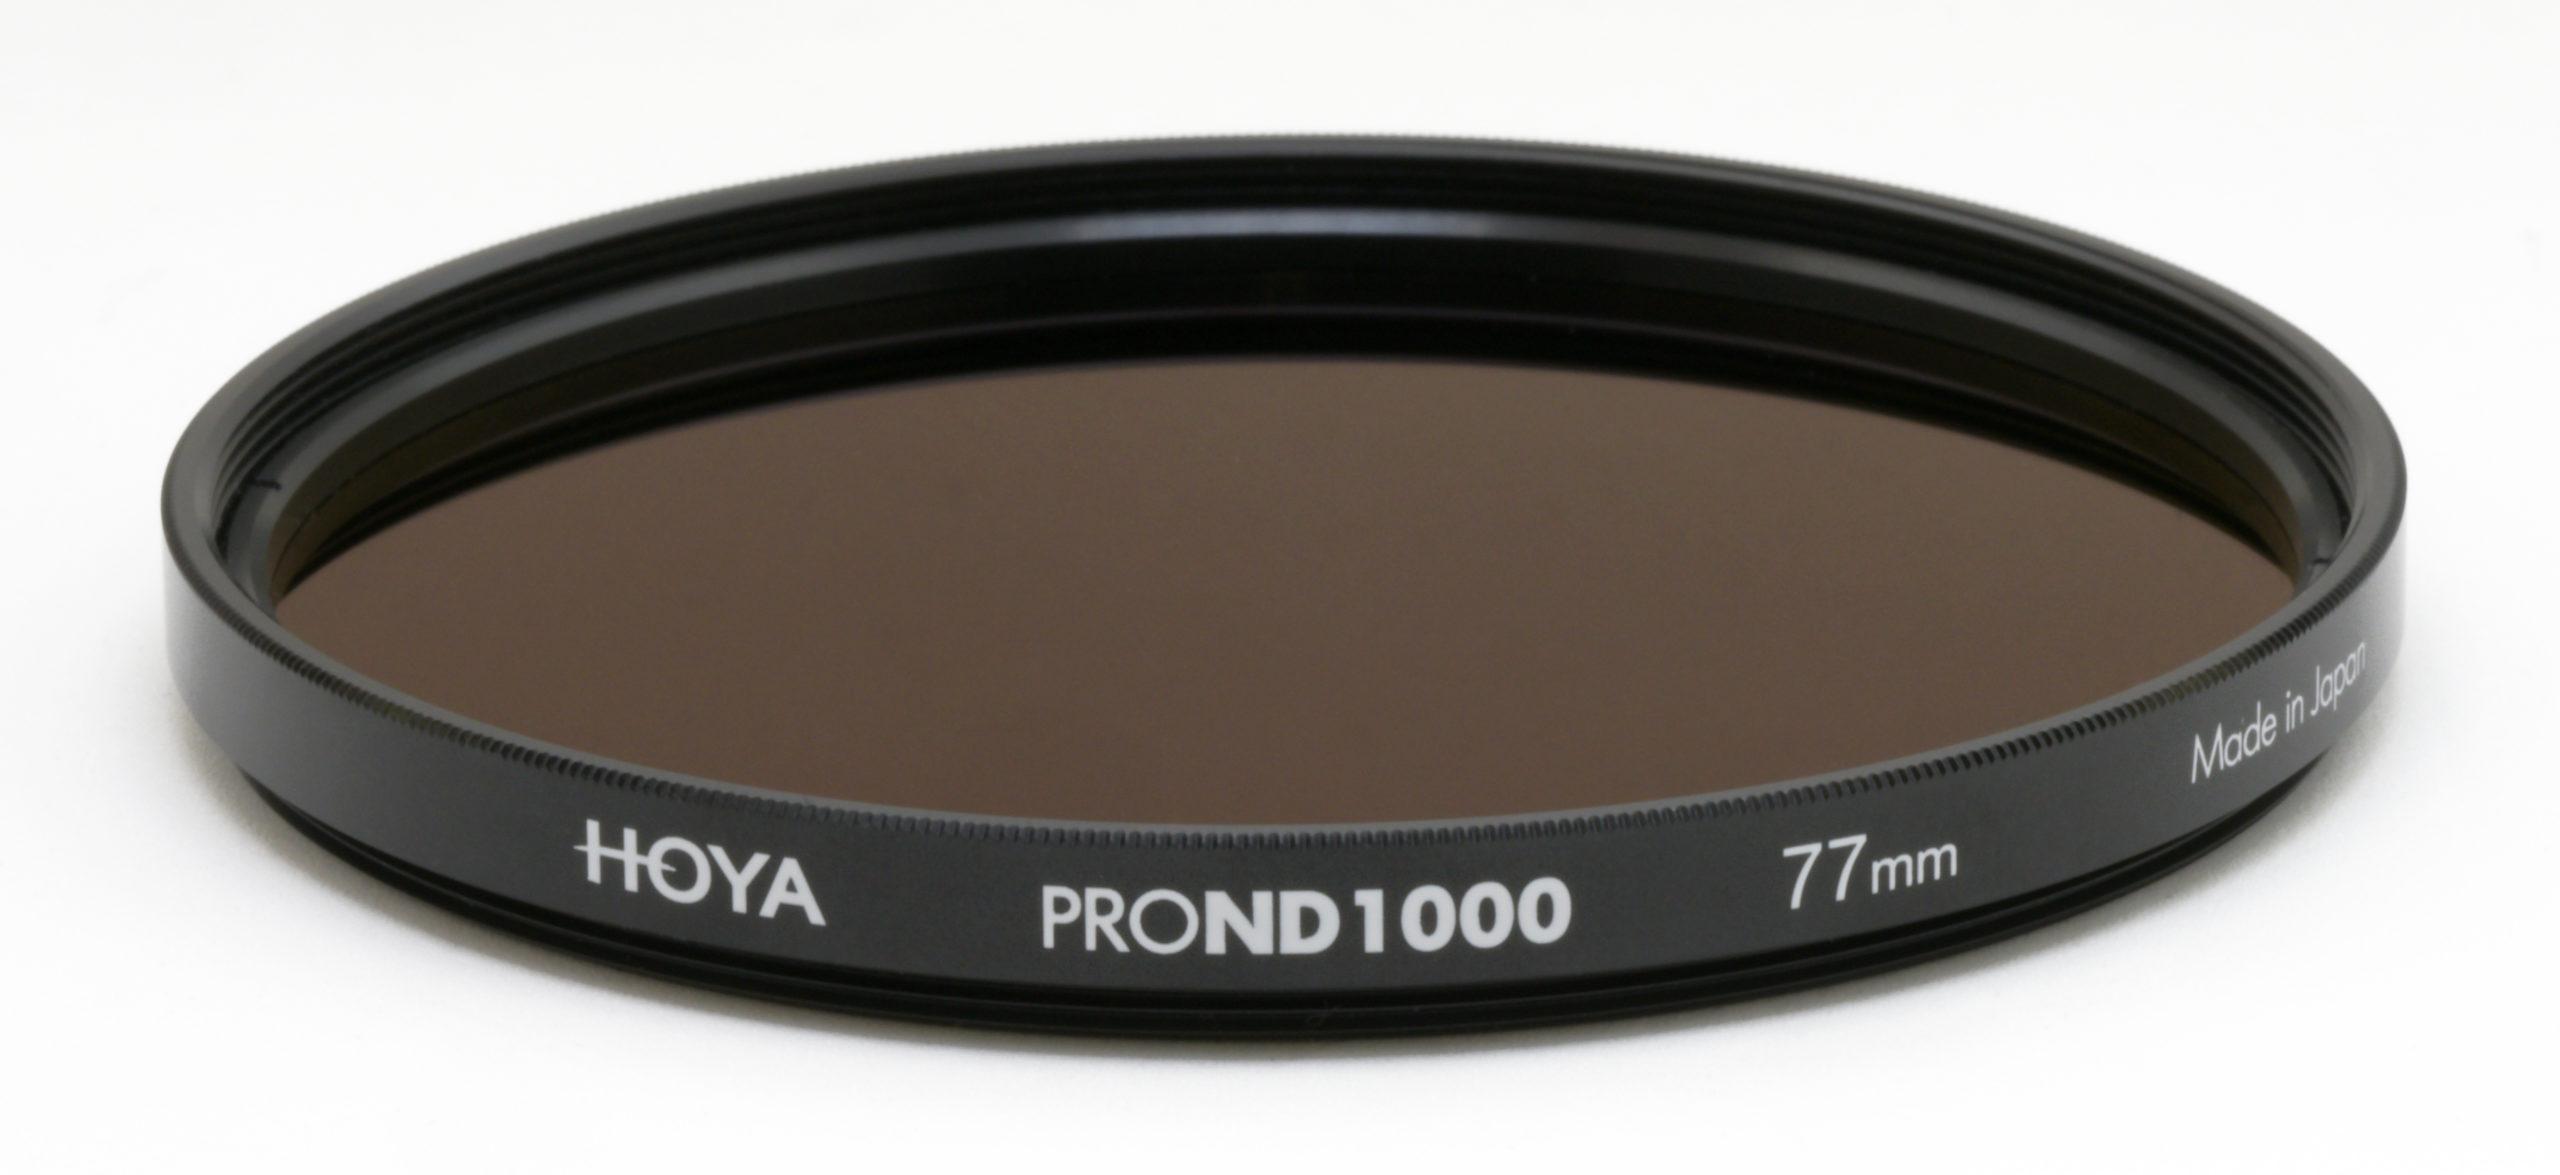 Hoya PROND 1000 Camera Lens Filter